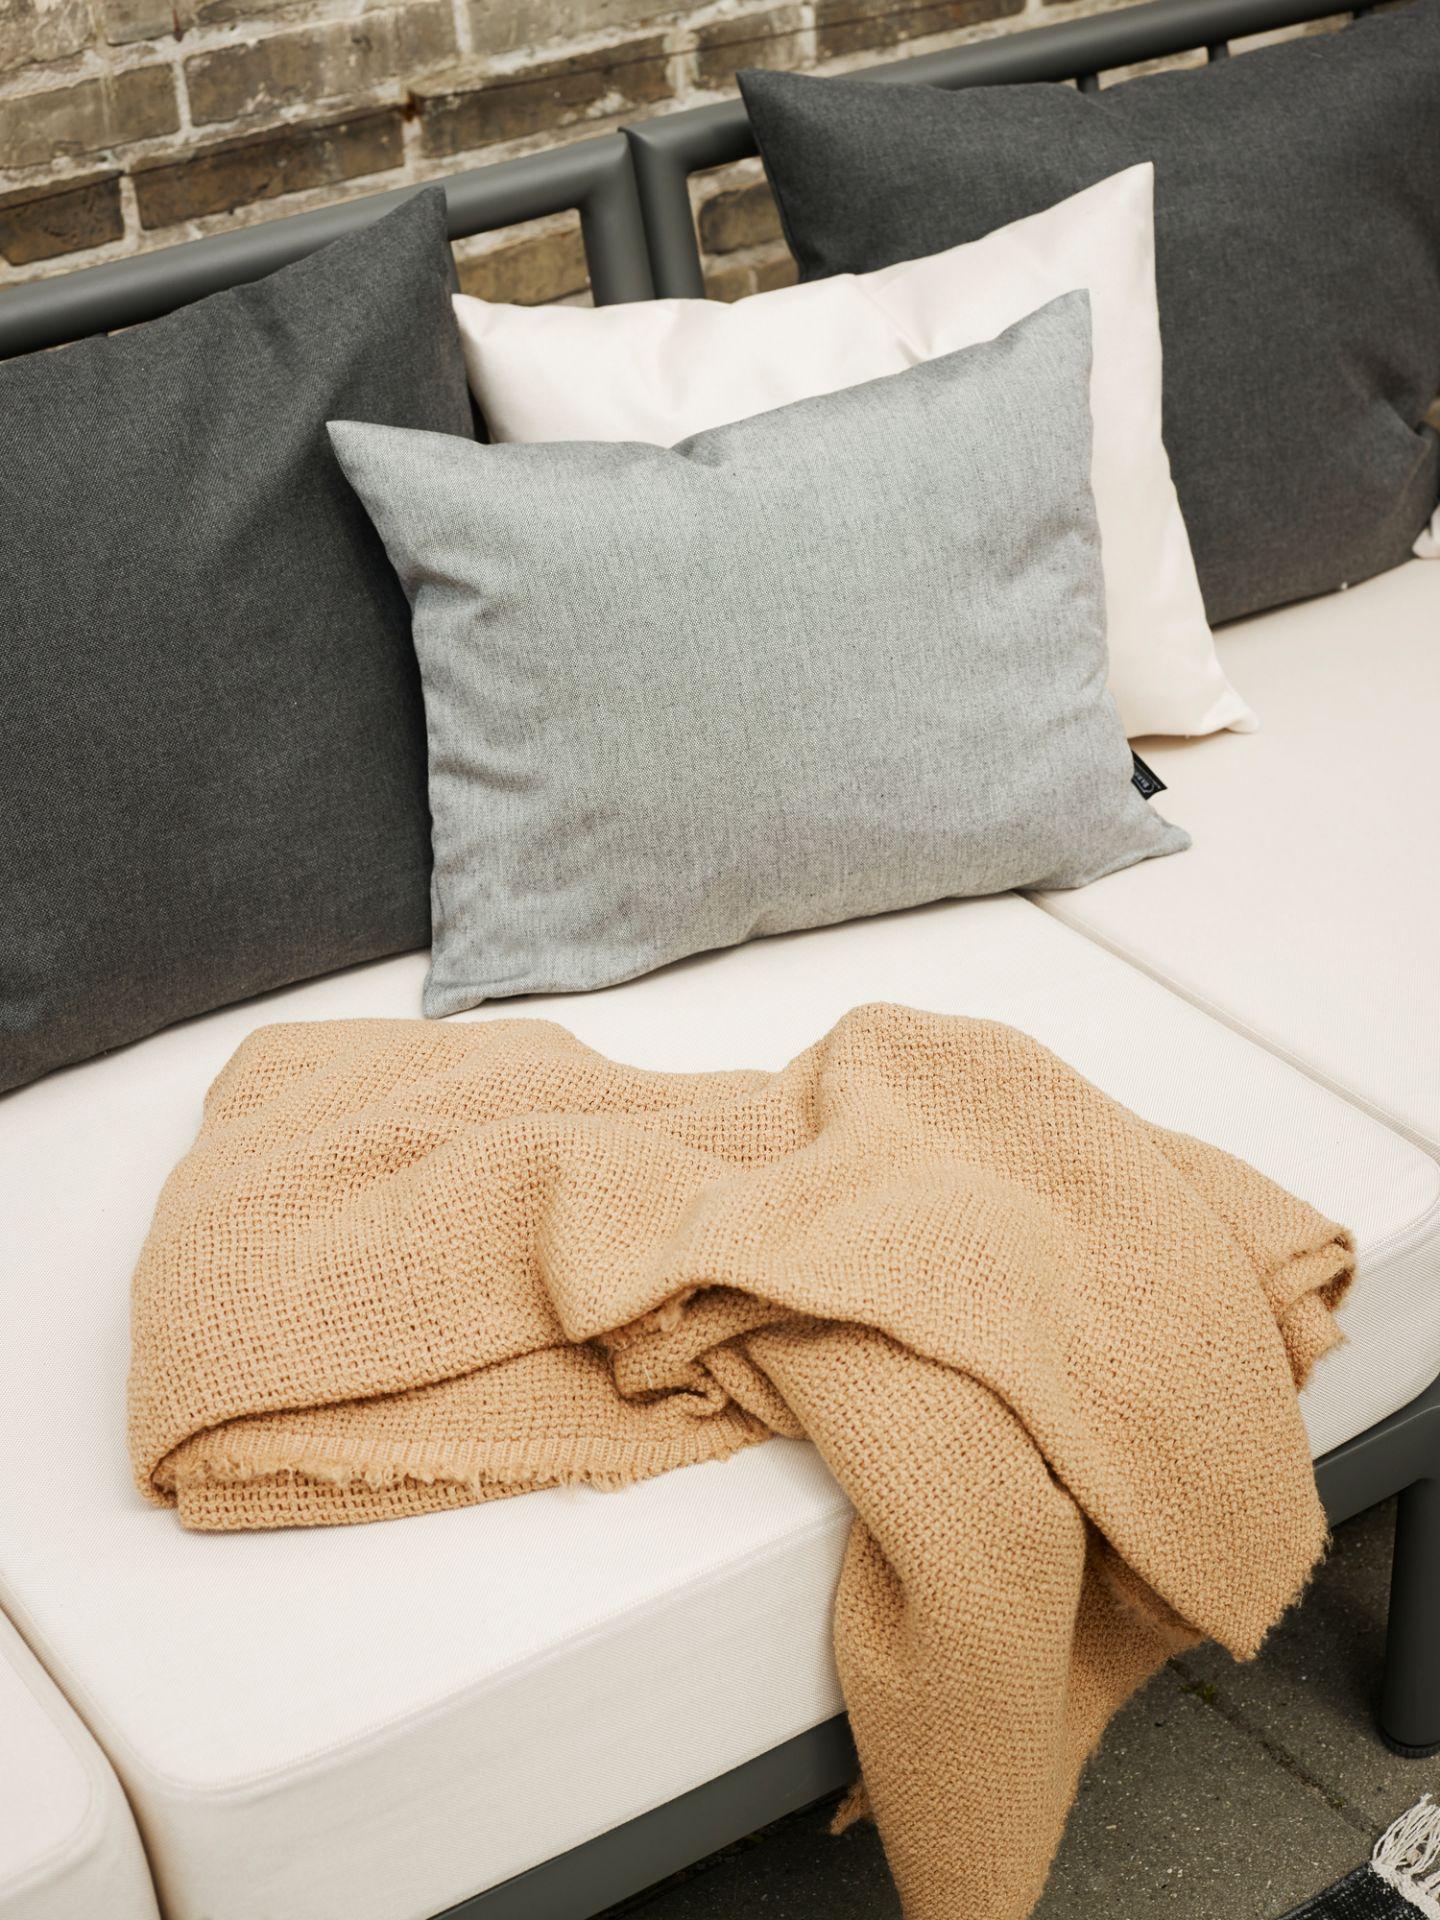 Barriere Pillow 50 x 40 cm Outdoorkissen Skargerak Esche